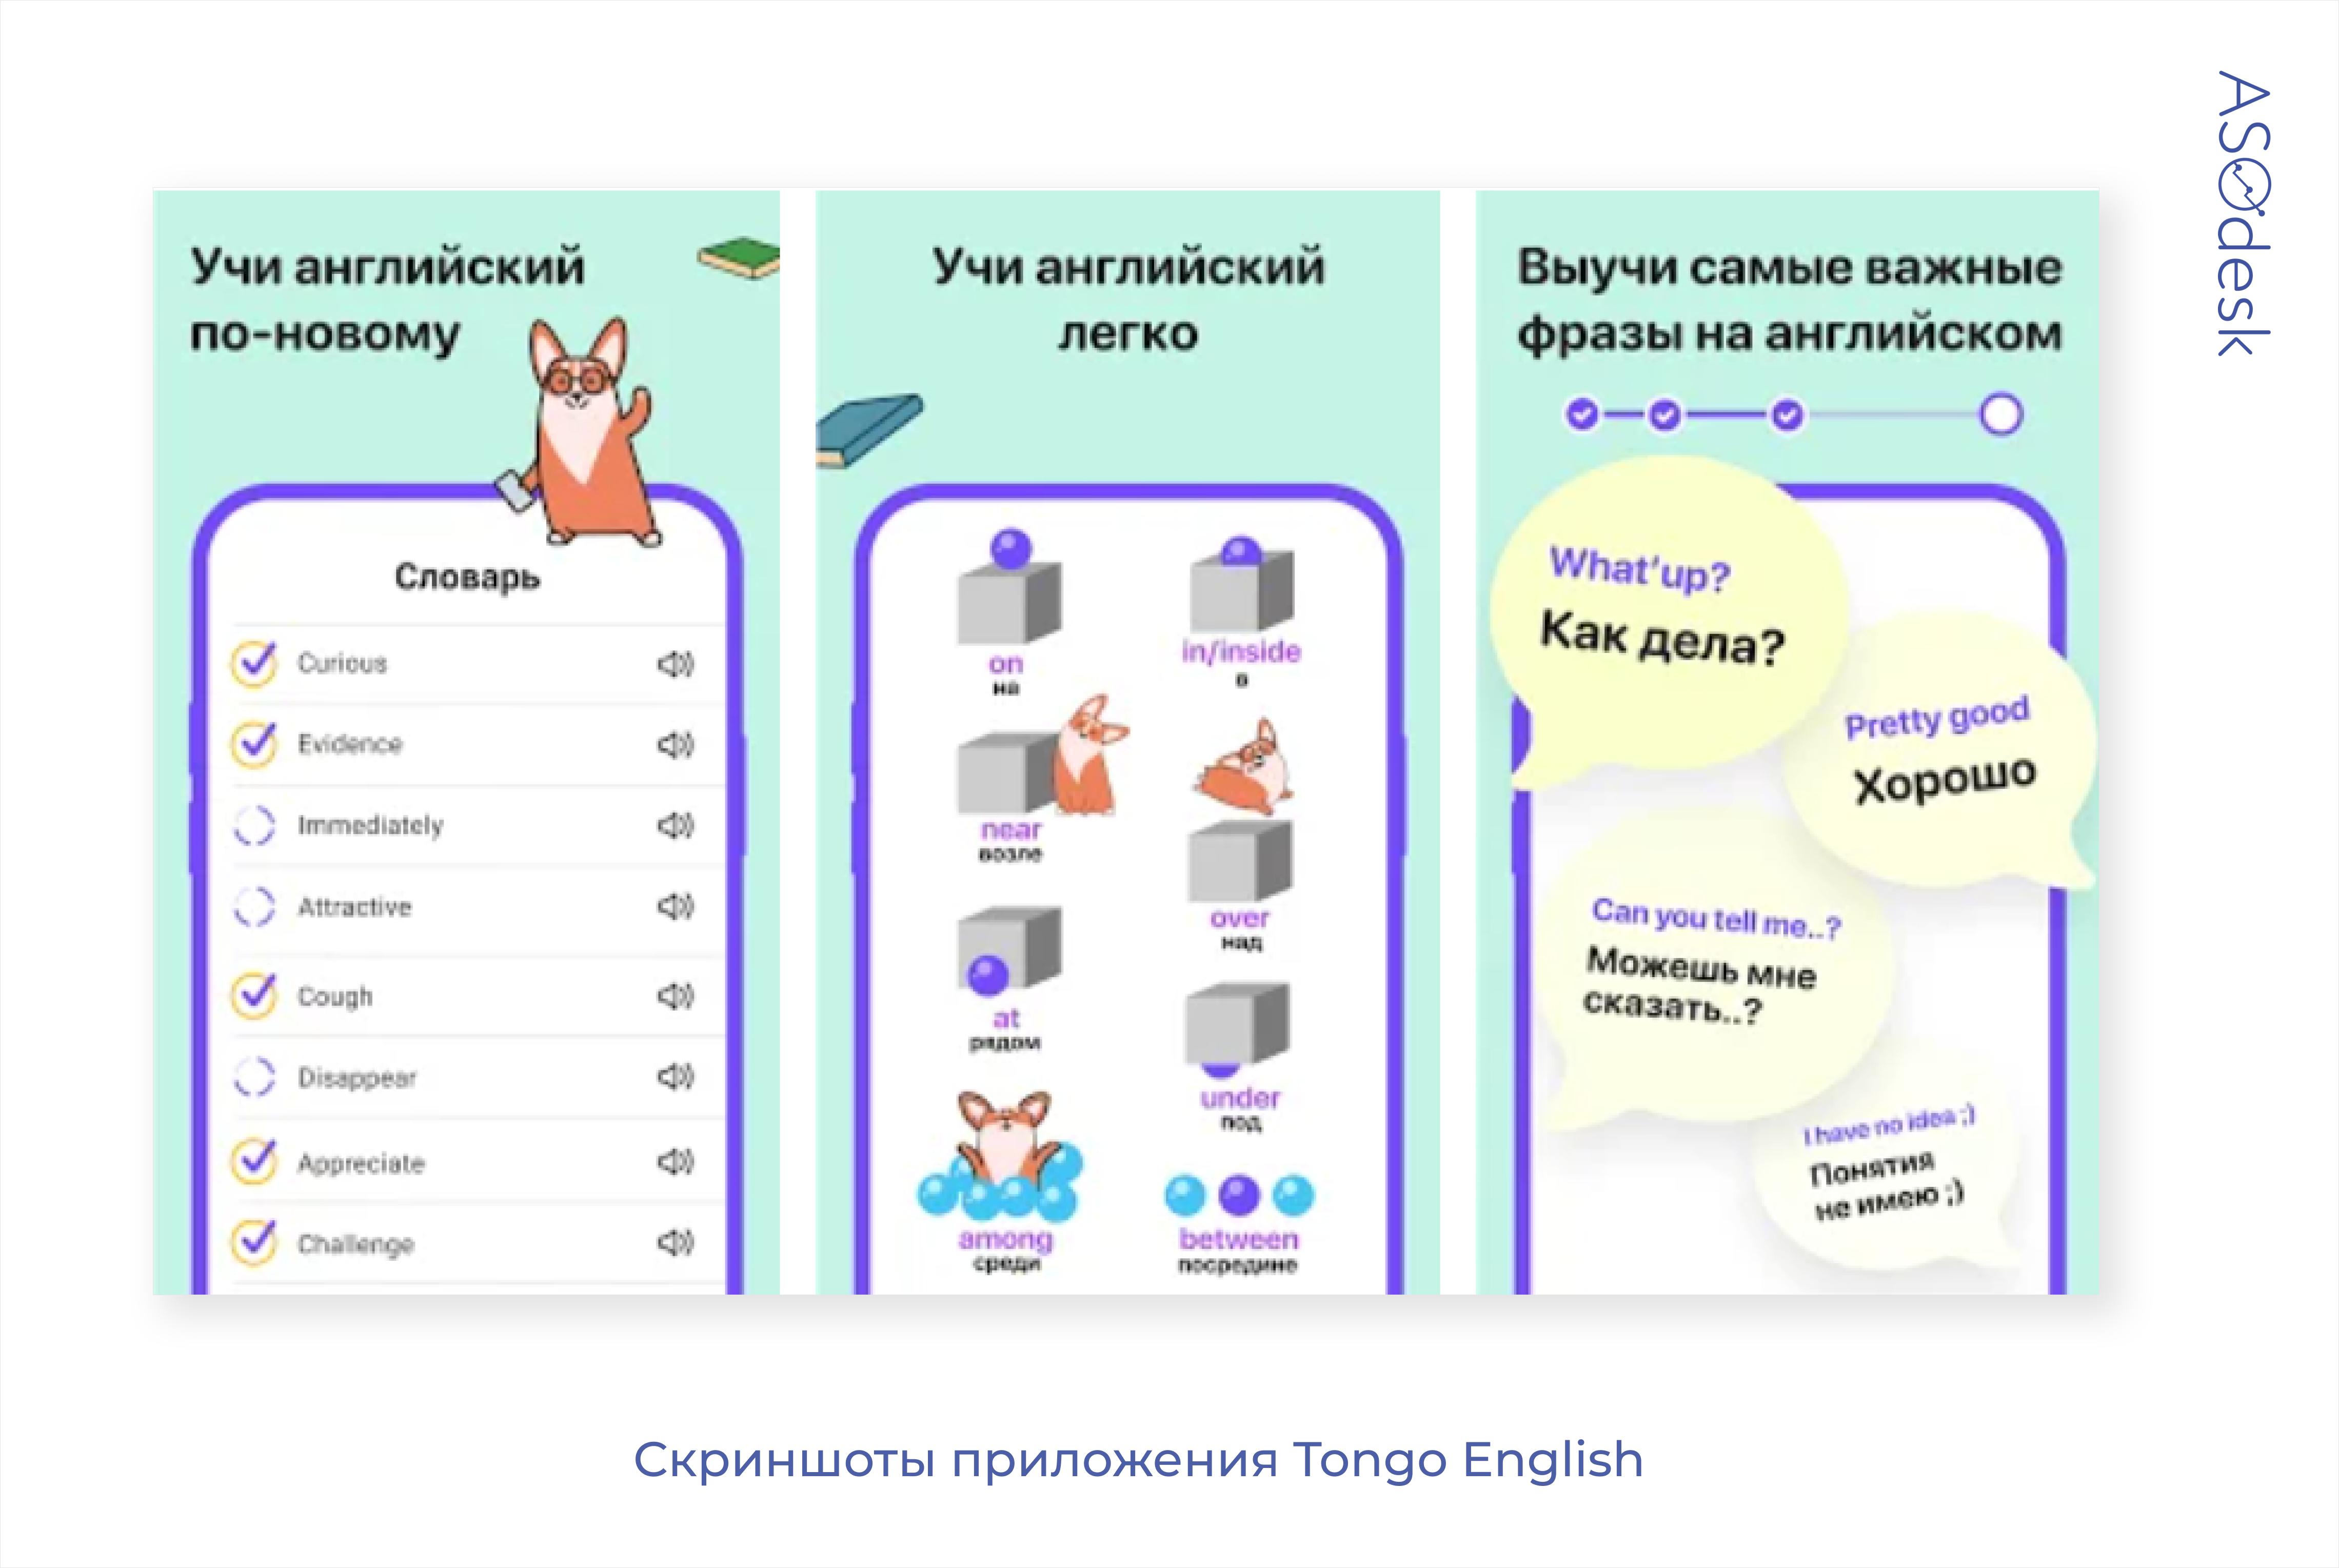 Поисковые запросы на скриншотах приложения Tongo English в Google Play